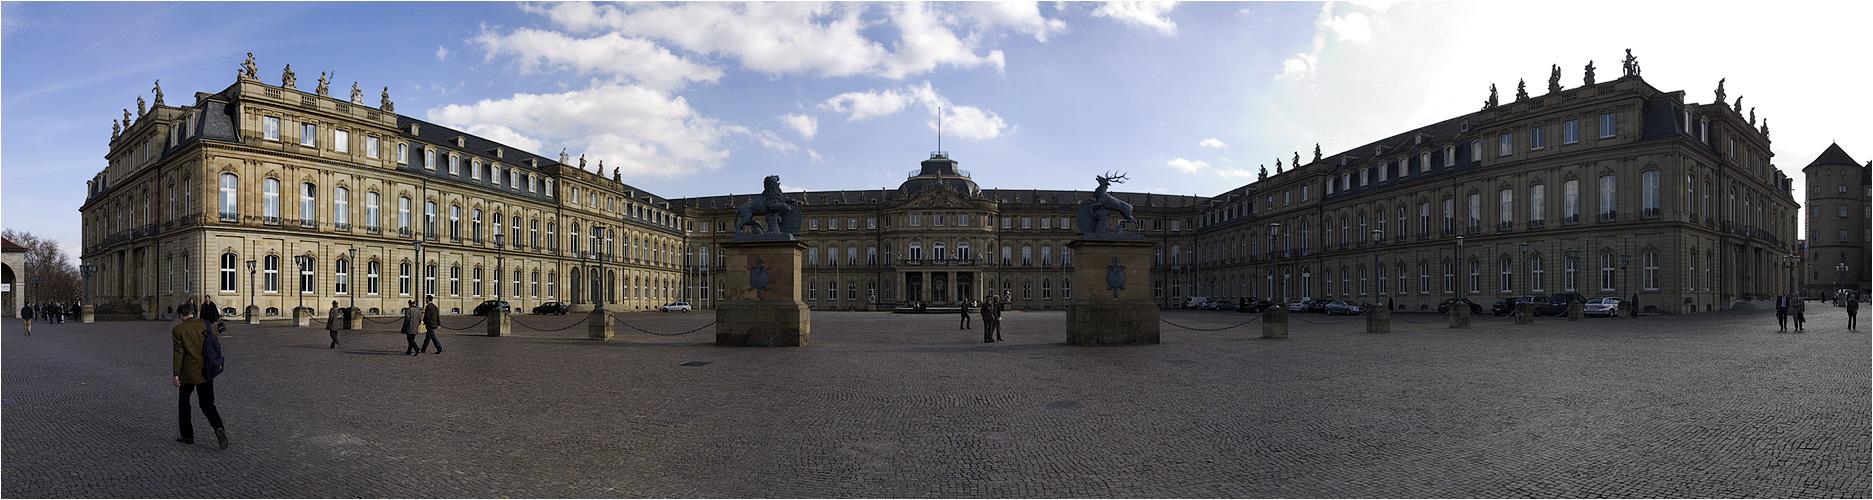 Stuttgart Neues Schloß